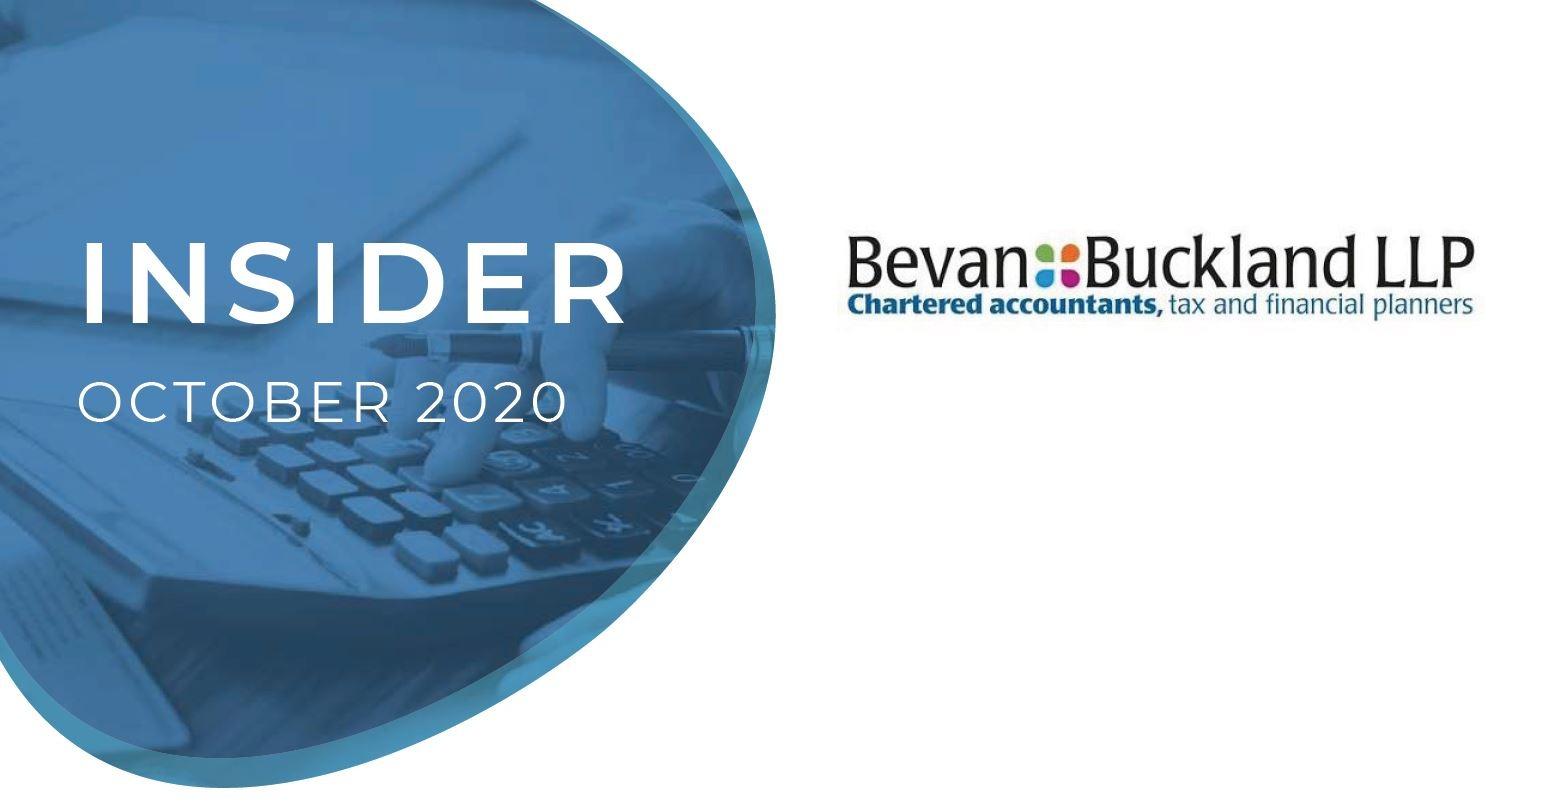 Business Insider Newsletter October 2020